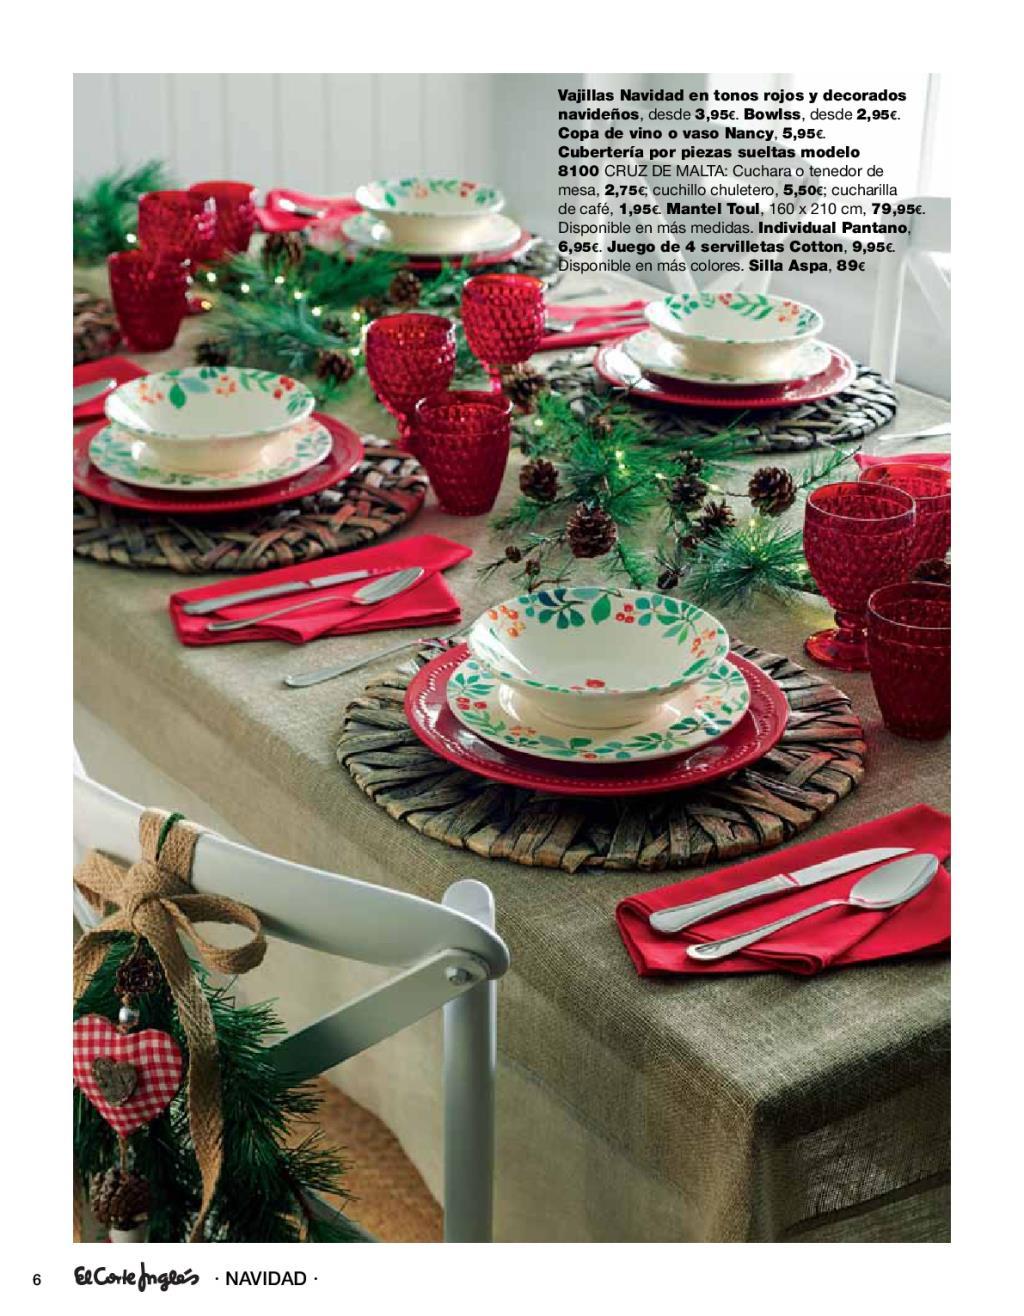 Decorablog revista de decoraci n for El corte ingles decoracion navidad